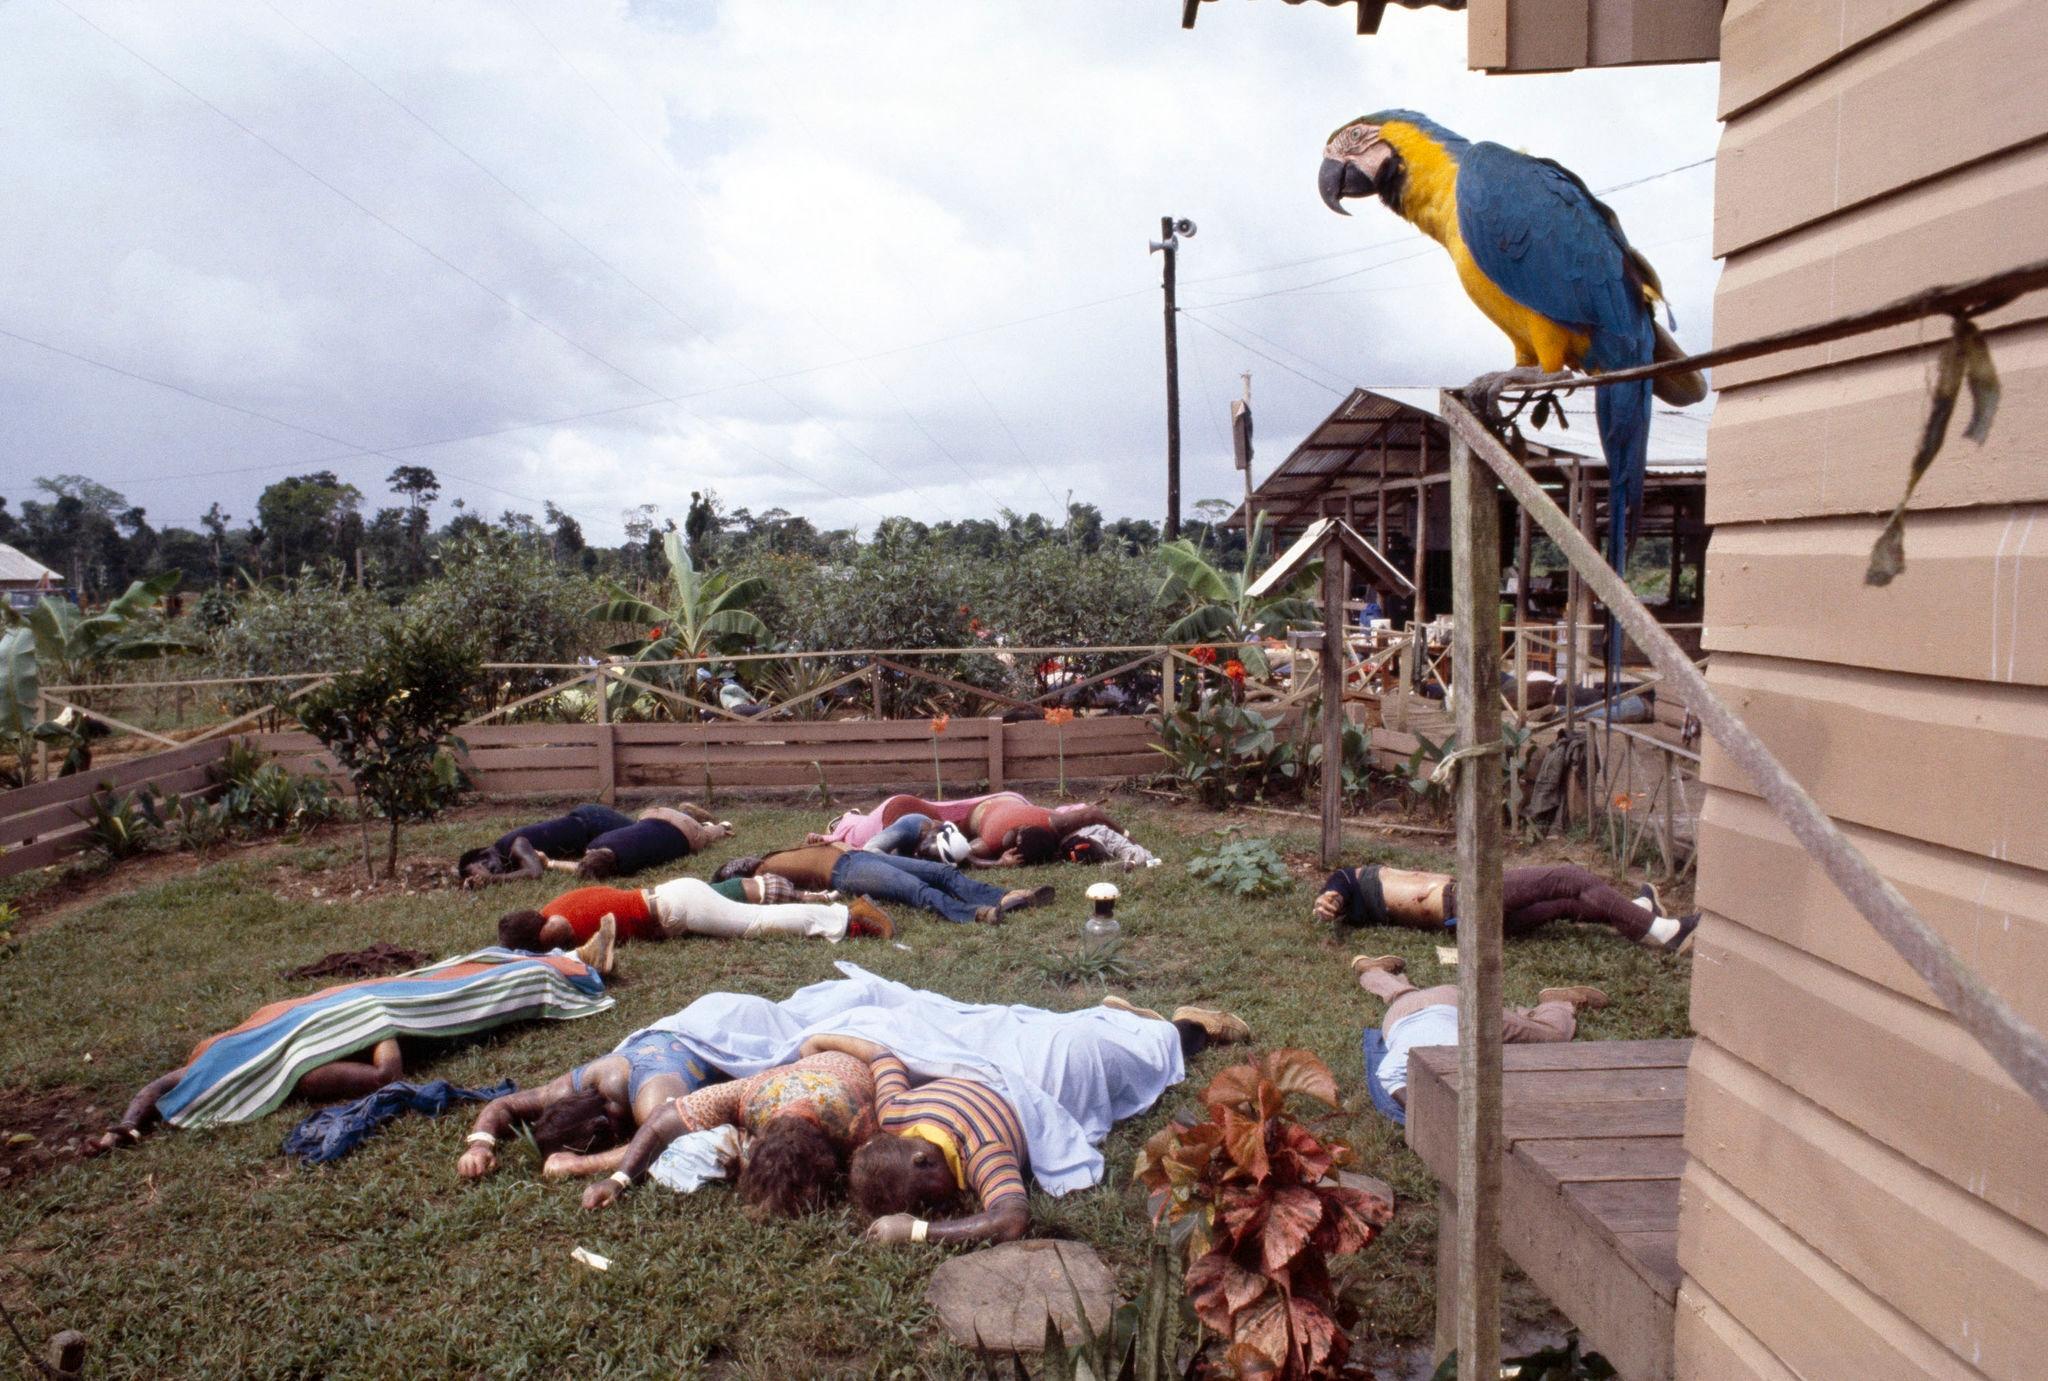 1978. Попугай, один из немногих выживших в Джонстауне, смотрит на мертвые тела на территории комплекса культа Народного храма 18 ноября 1978 года в Д…